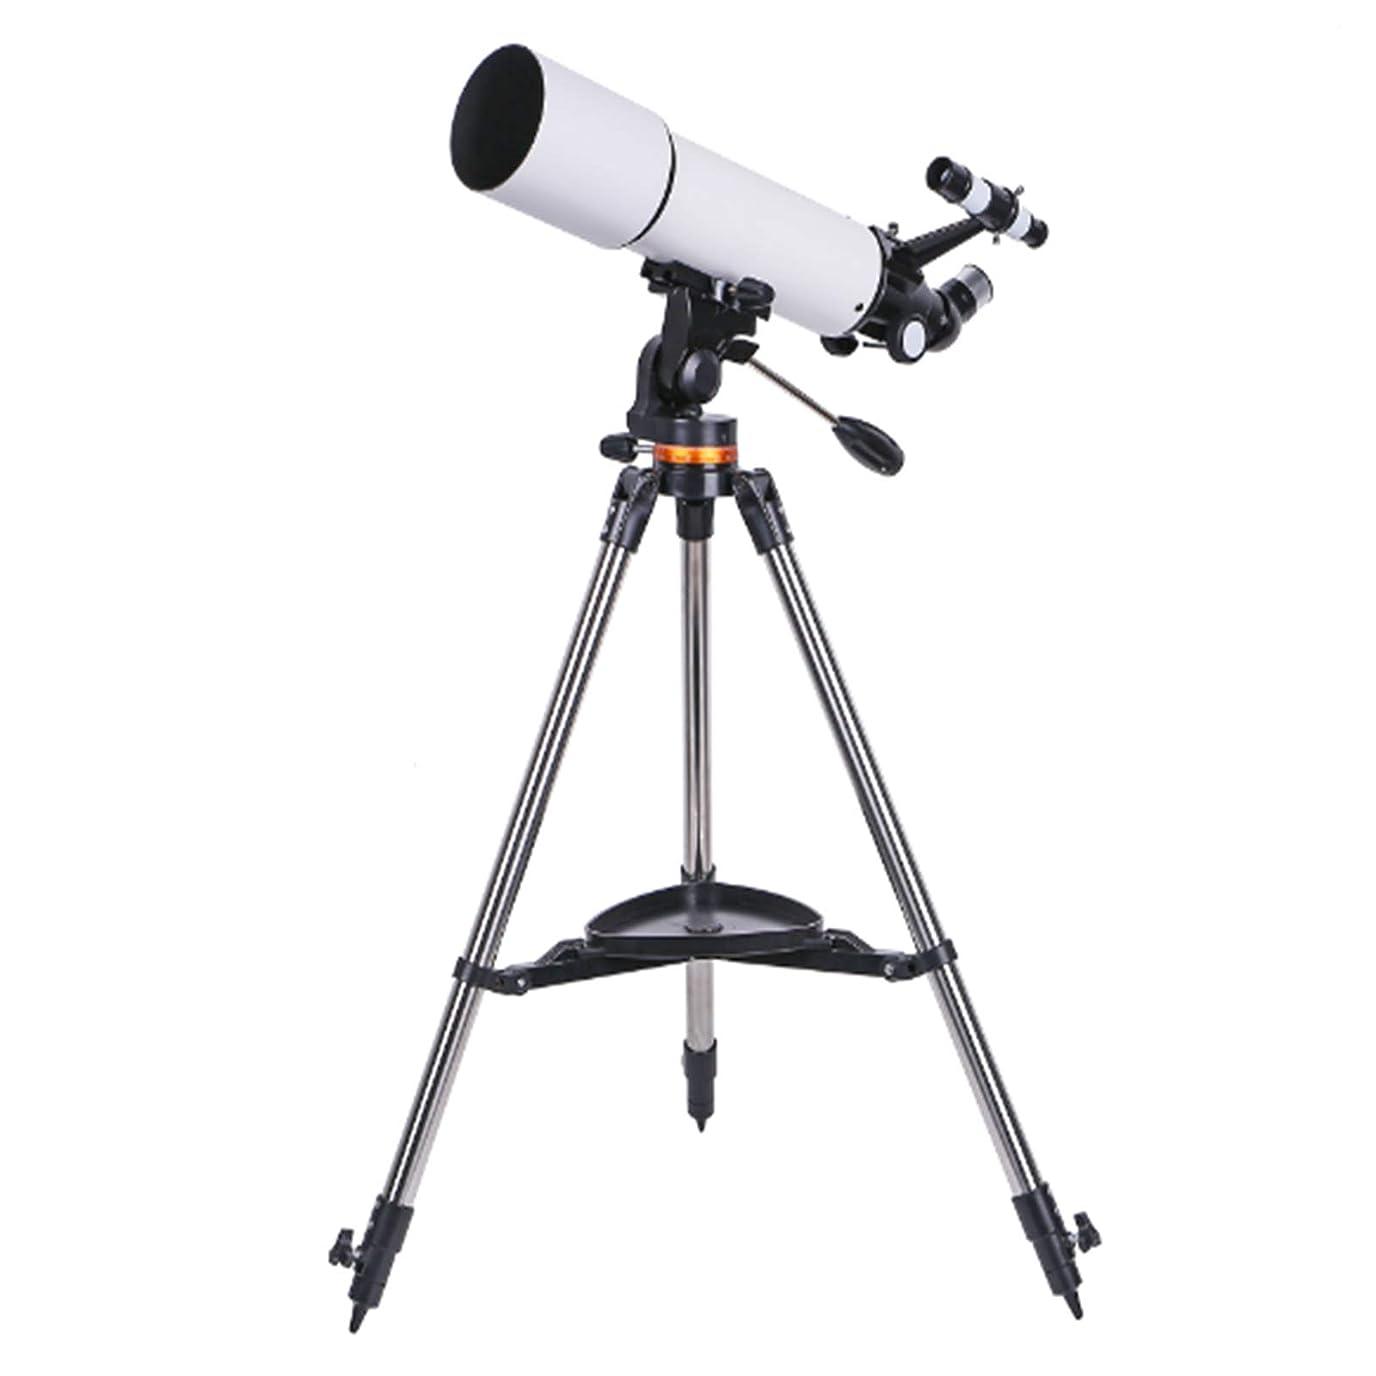 十連帯常識CZZ11望遠鏡、80mmの口径500ミリメートル、キャリーバッグで大人子供初心者-旅行望遠鏡のためのAZ天文屈折望遠鏡